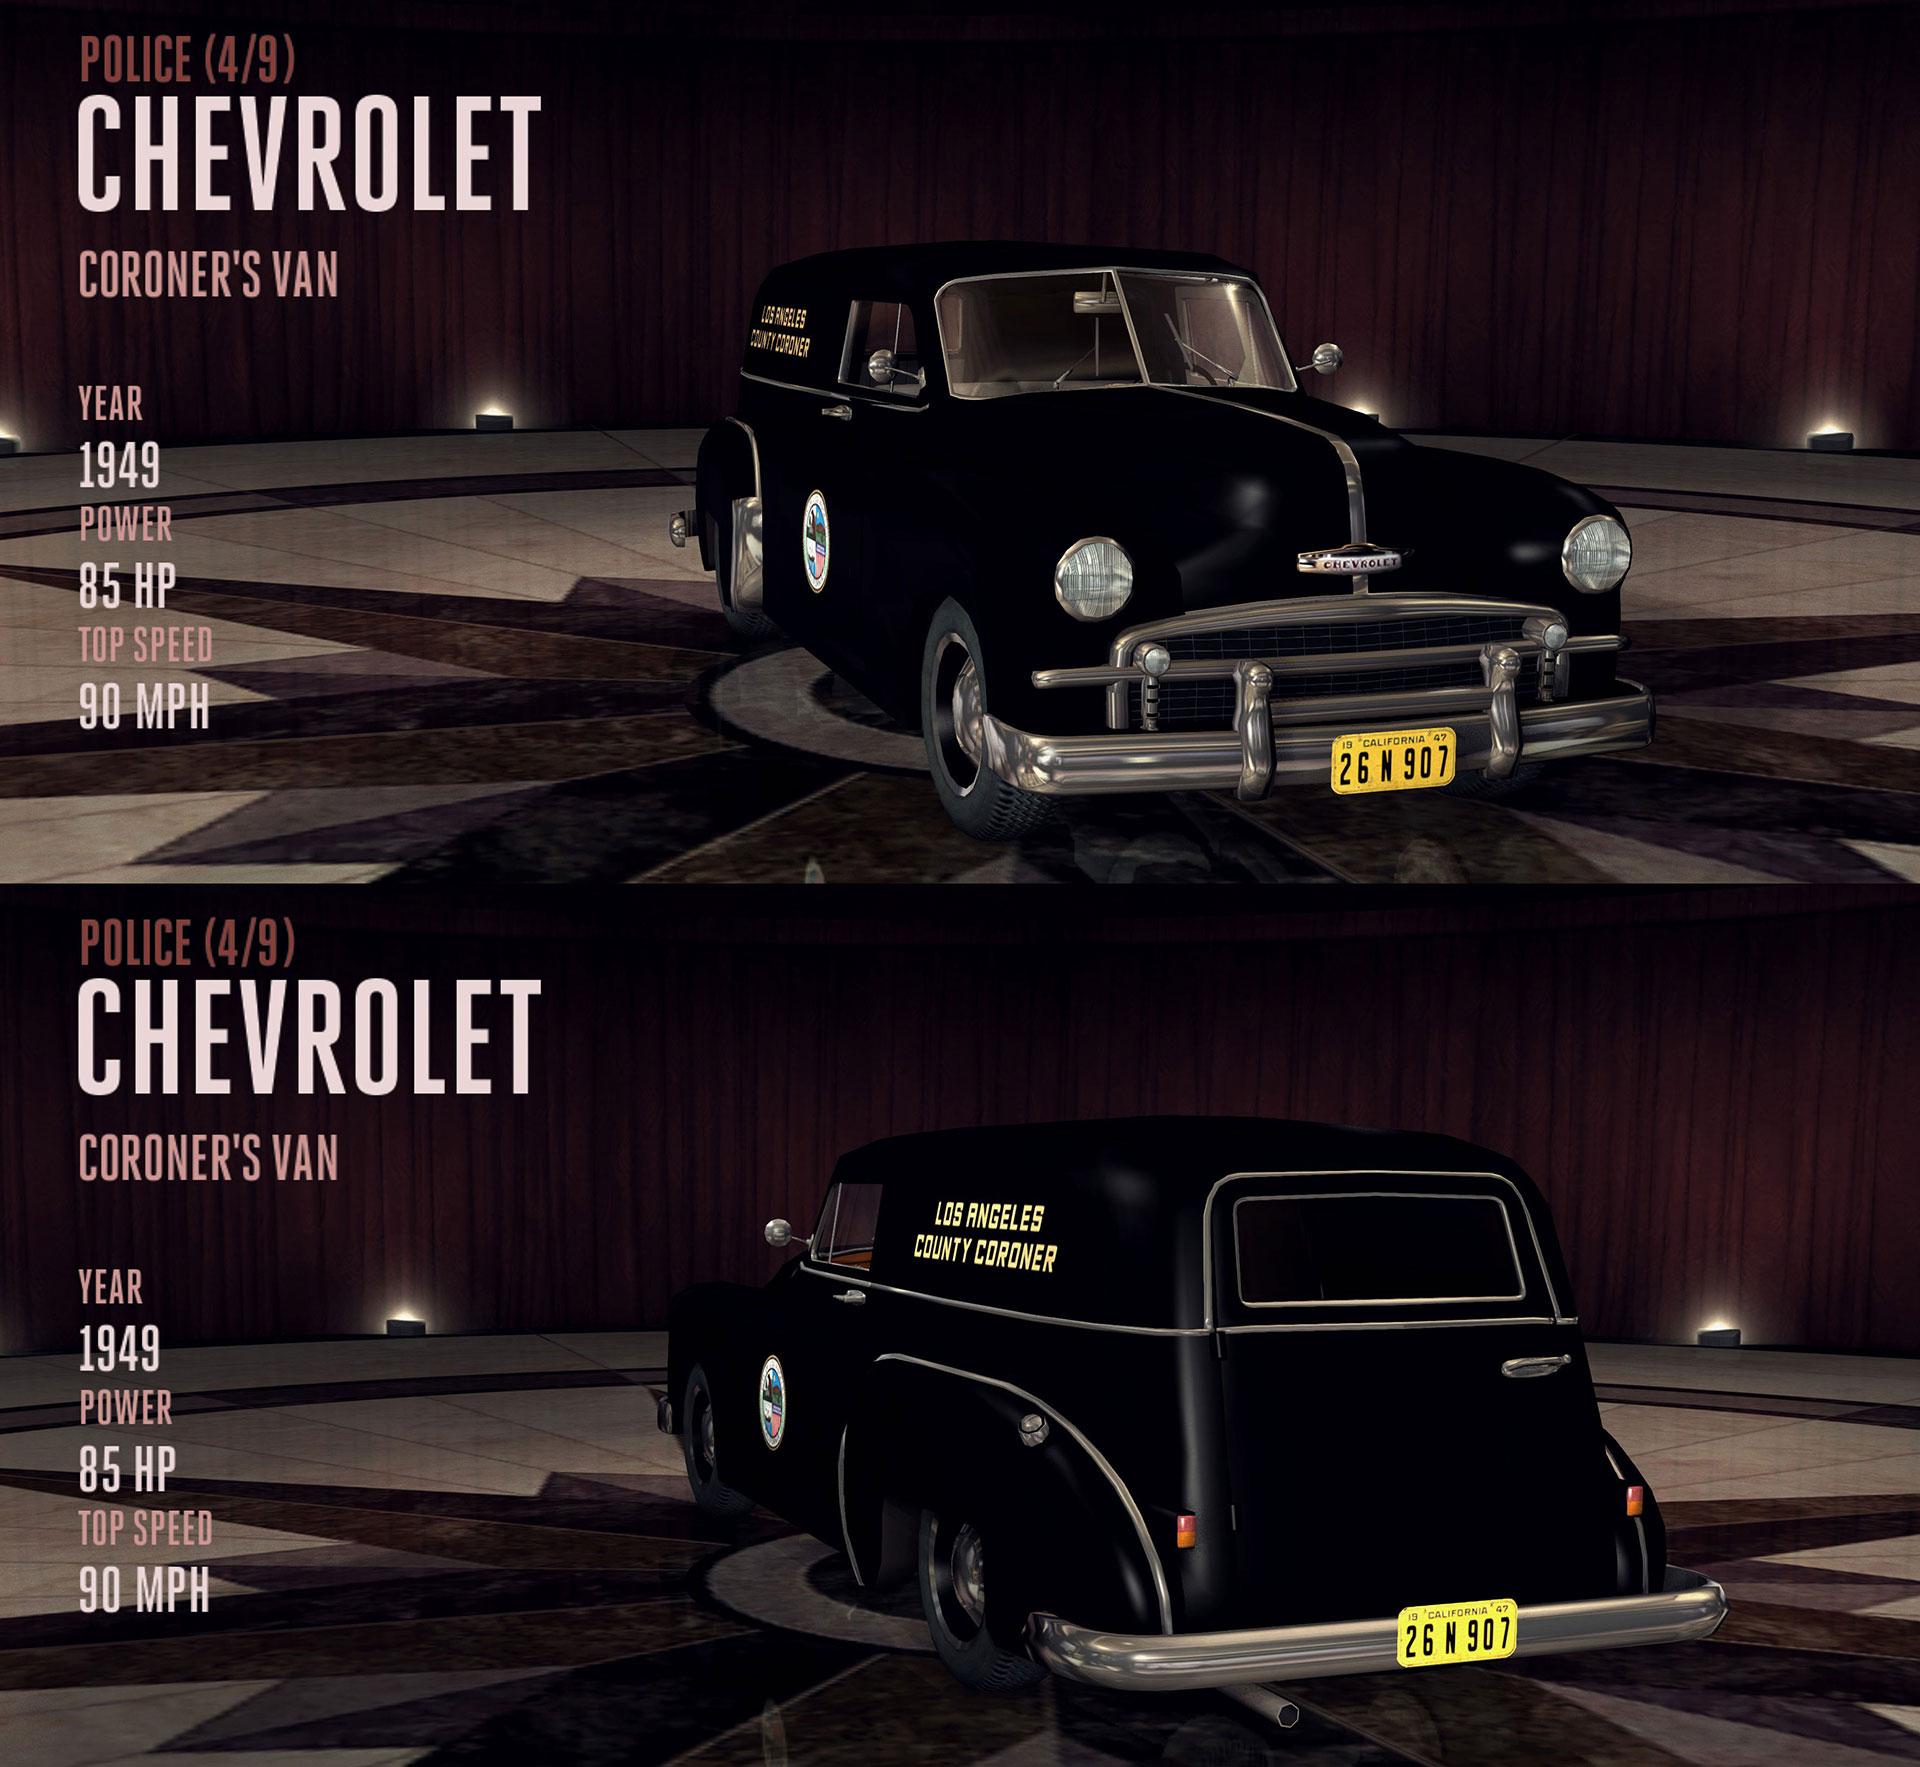 File:1949-chevrolet-coroners-van.jpg